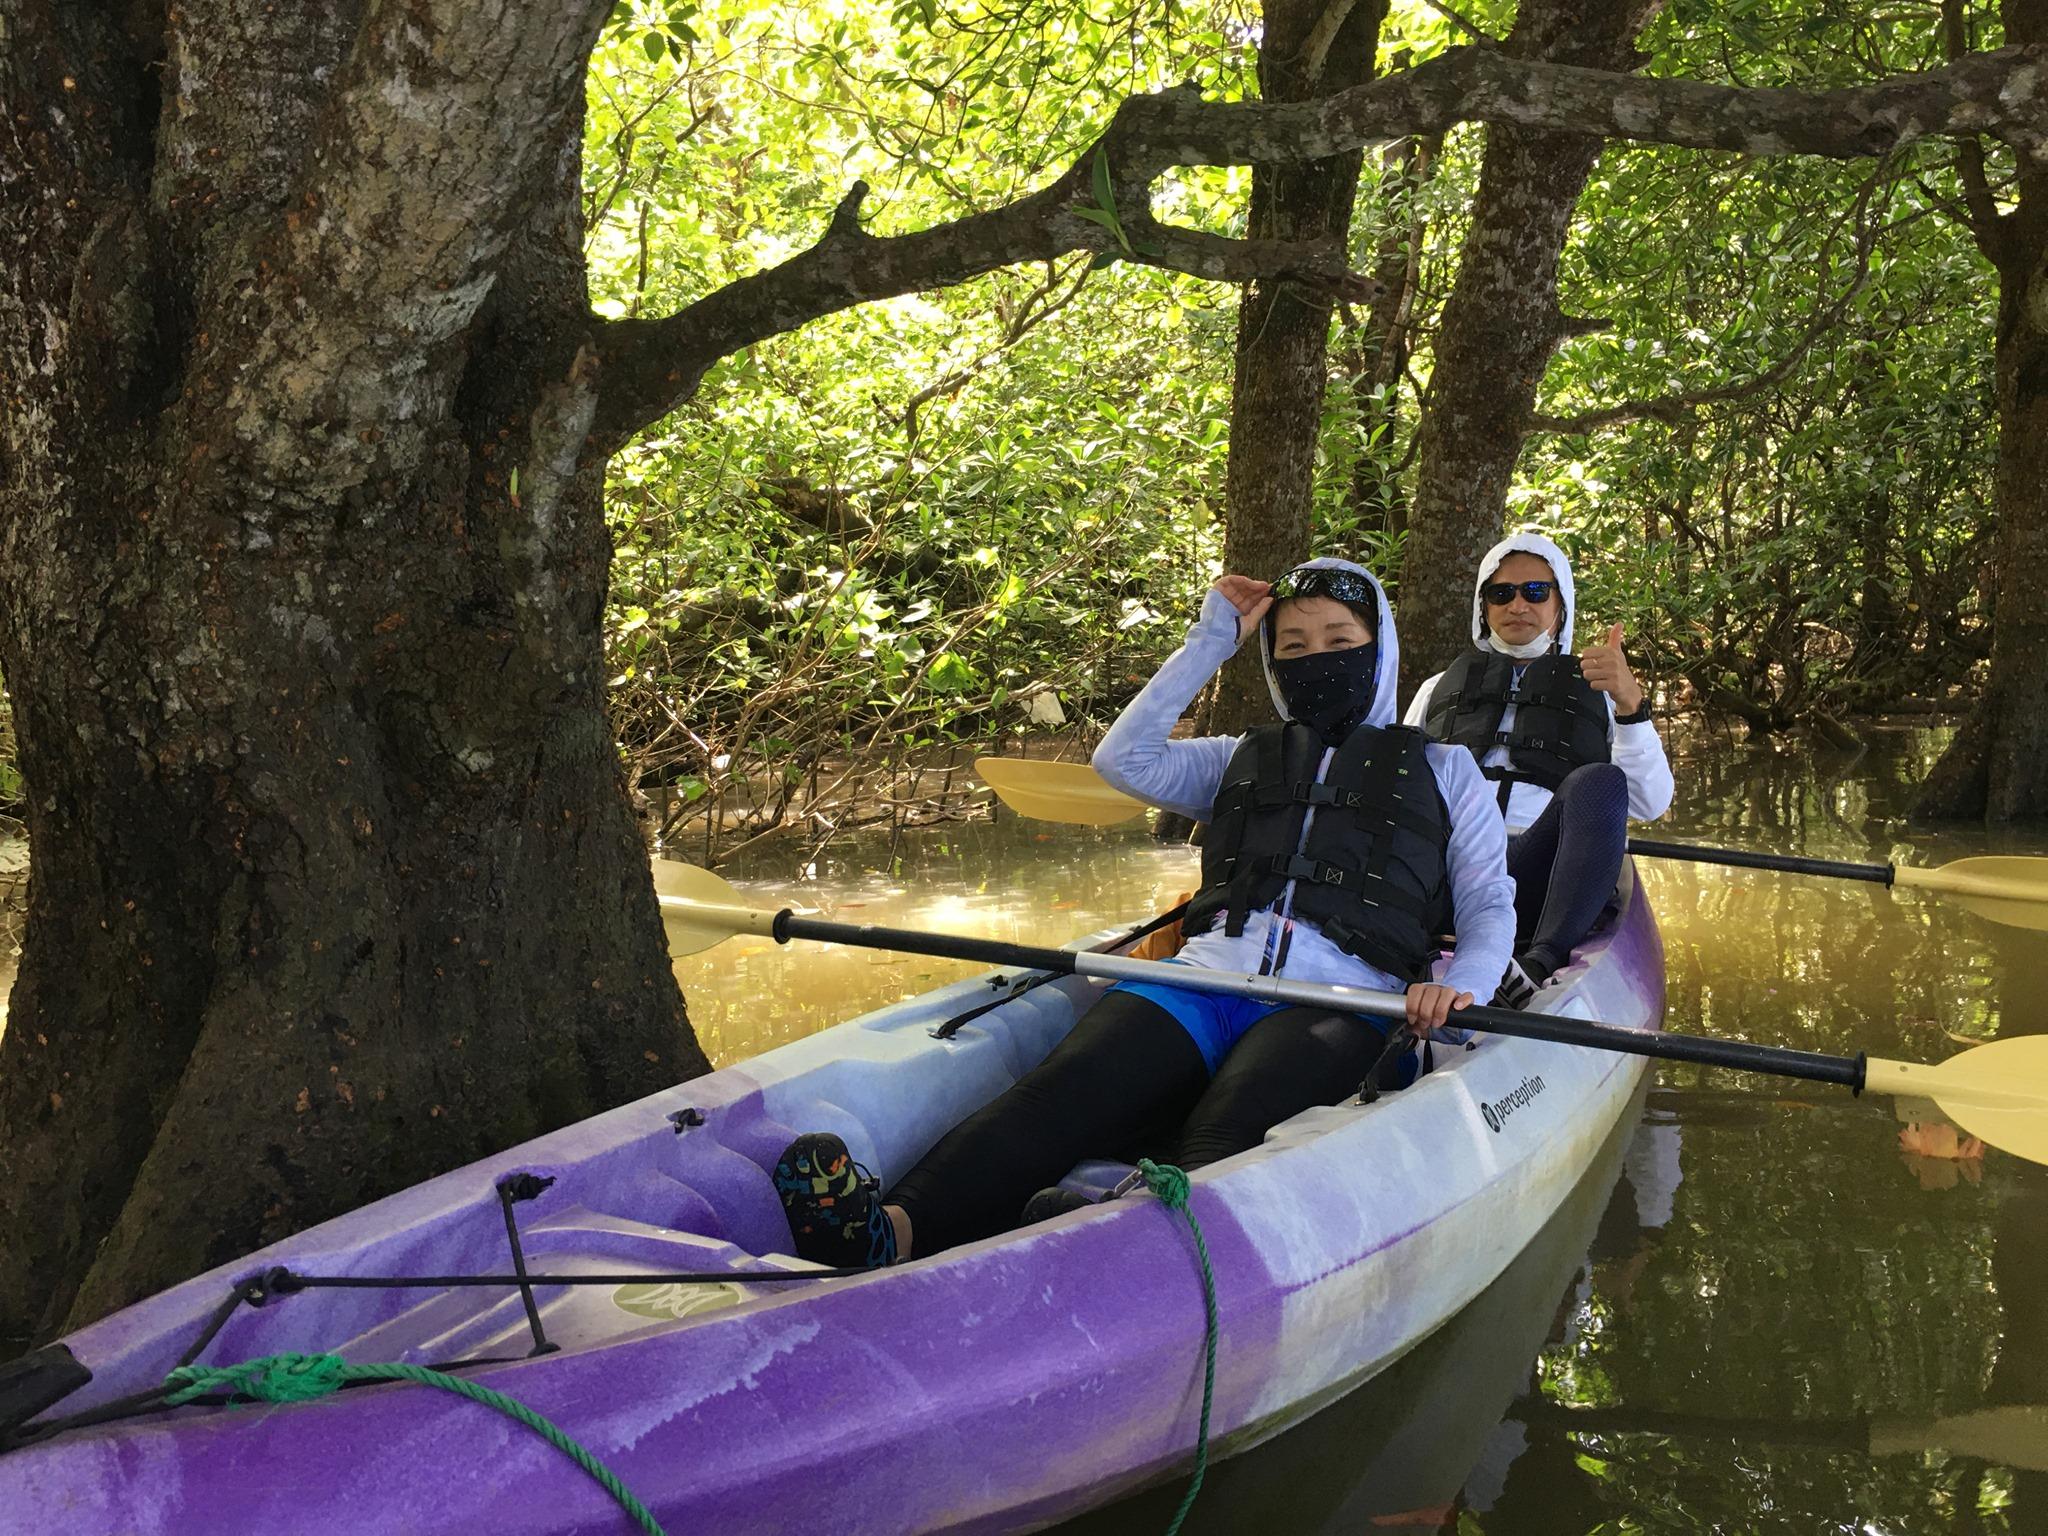 マングローブの中へカヌーでお邪魔します 石垣島で旅行